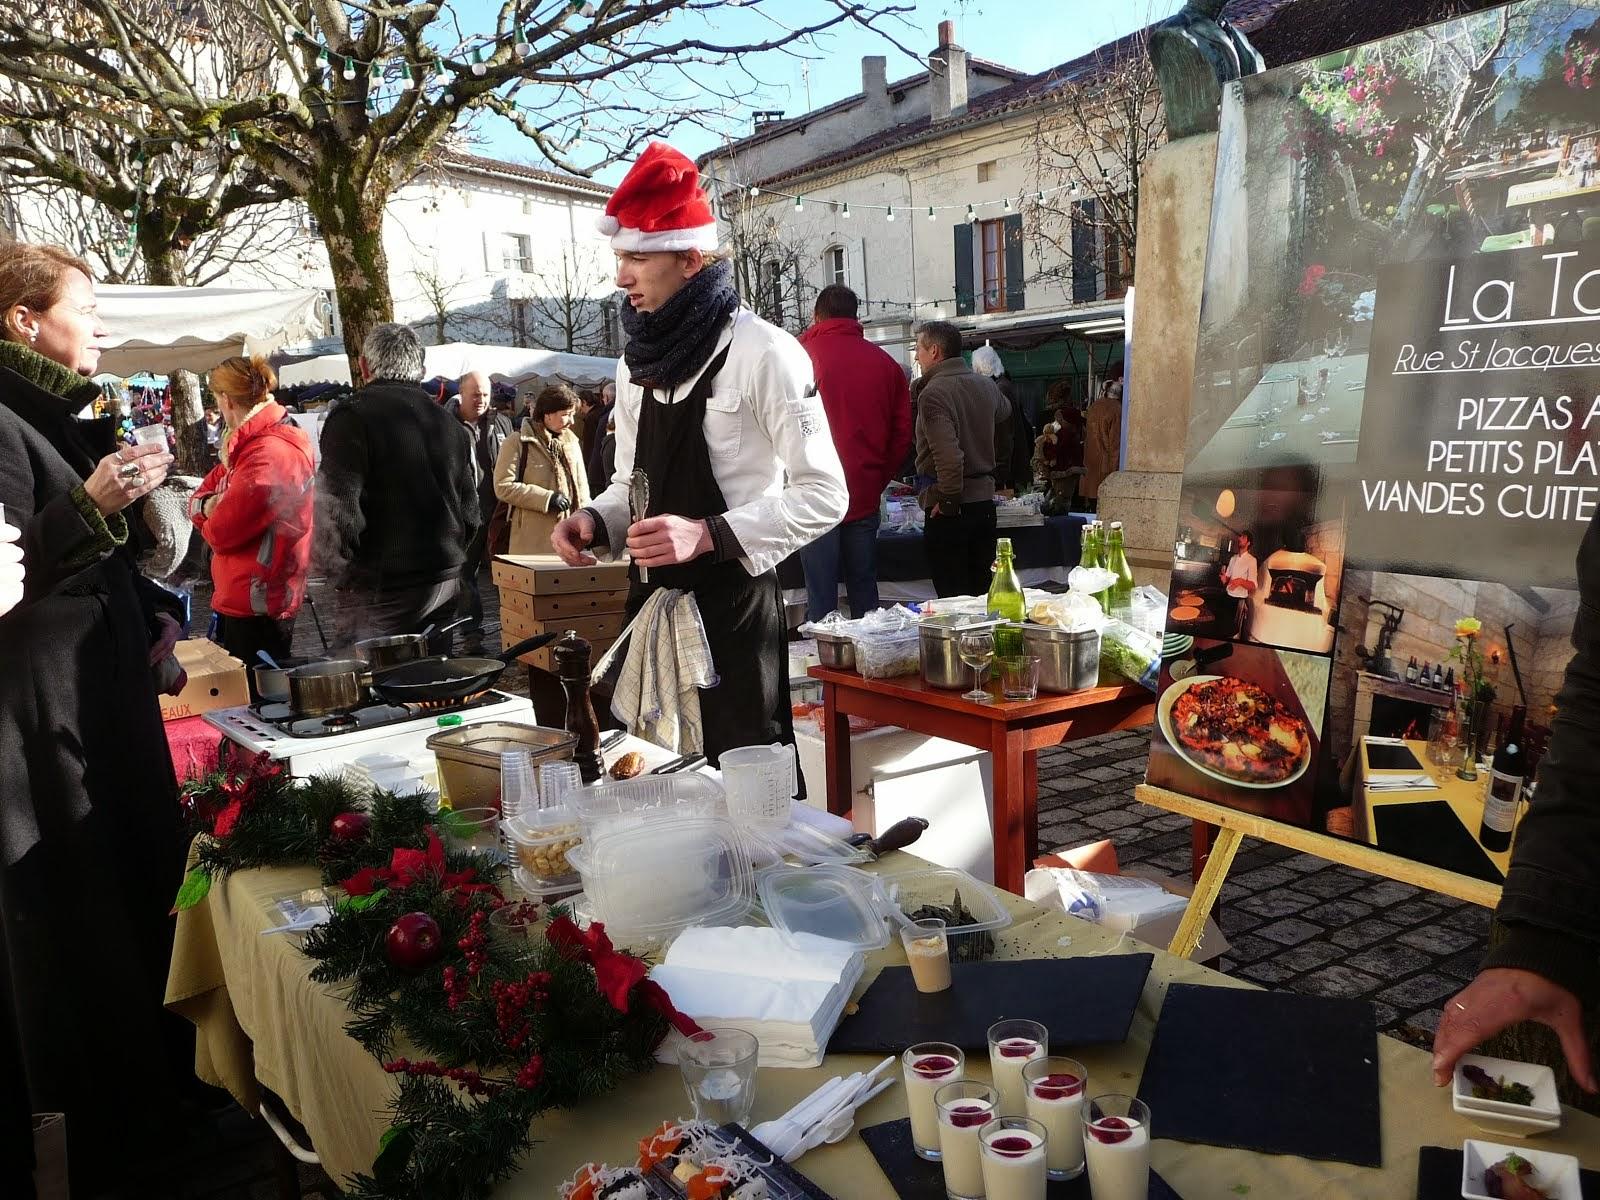 At the Aubettere-sur-Dronne Christmas market